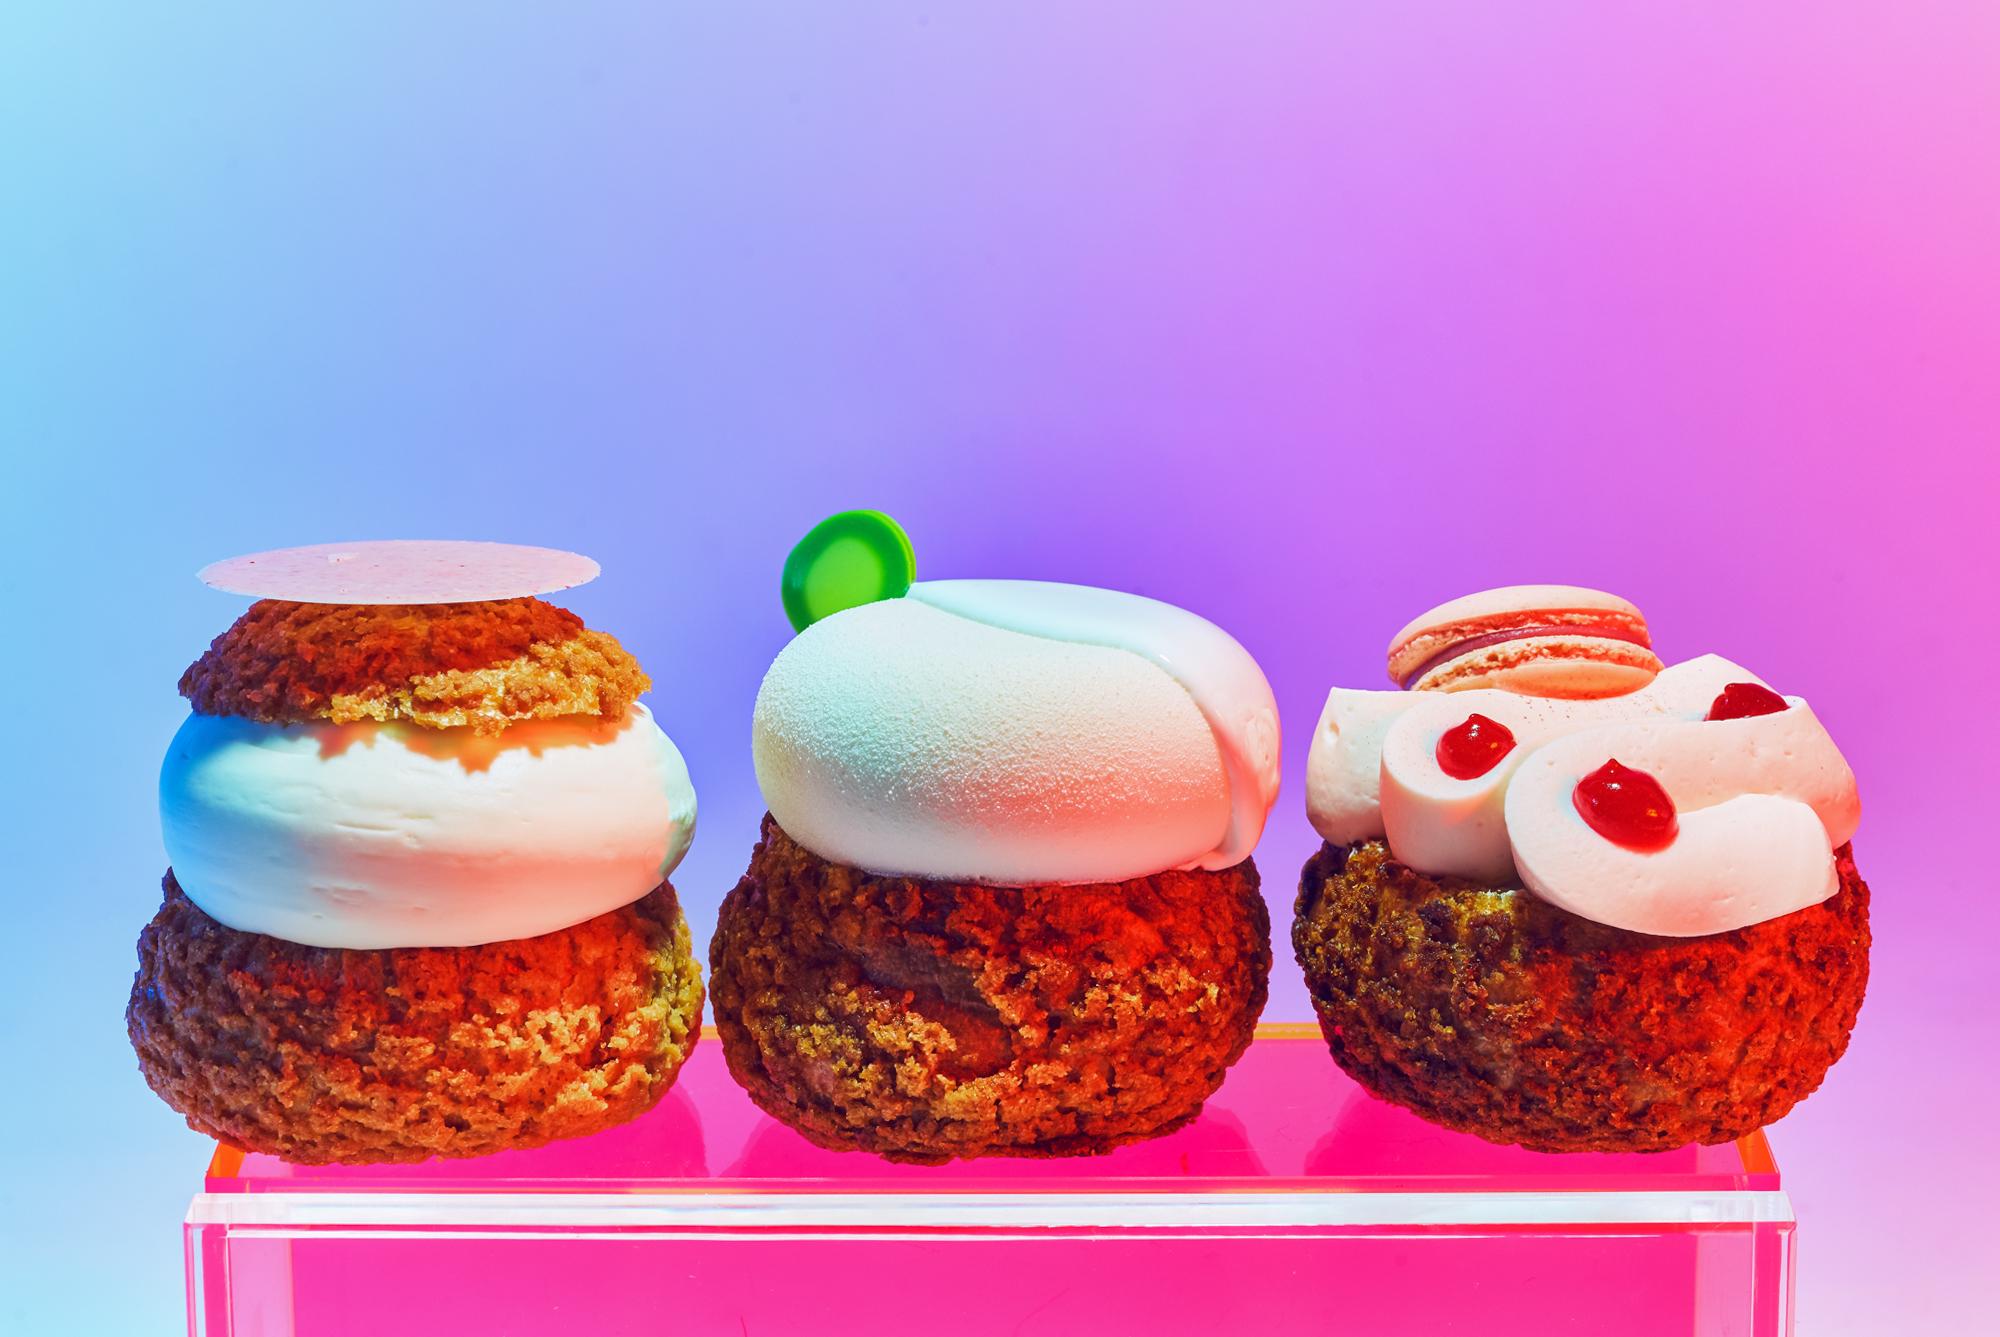 Indulgence Made Pretty: Beta5 Chocolates and Cream Puffs